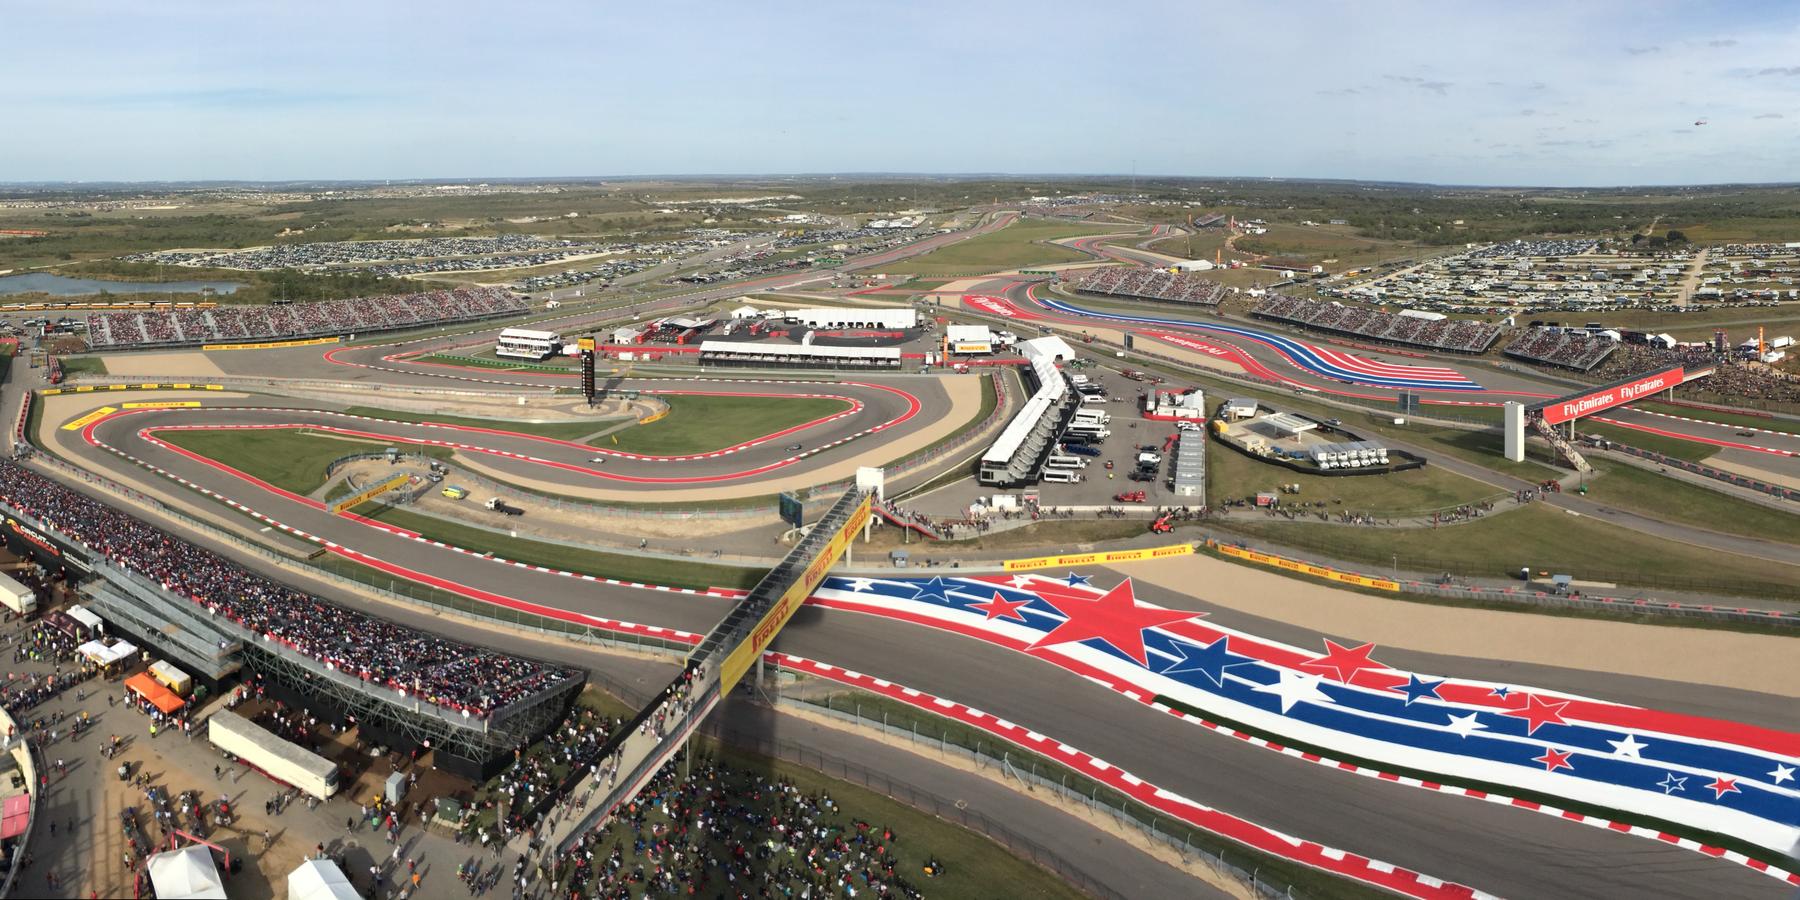 Circuit of the Americas - Formule 1 - Austin - Texas - Doets Reizen